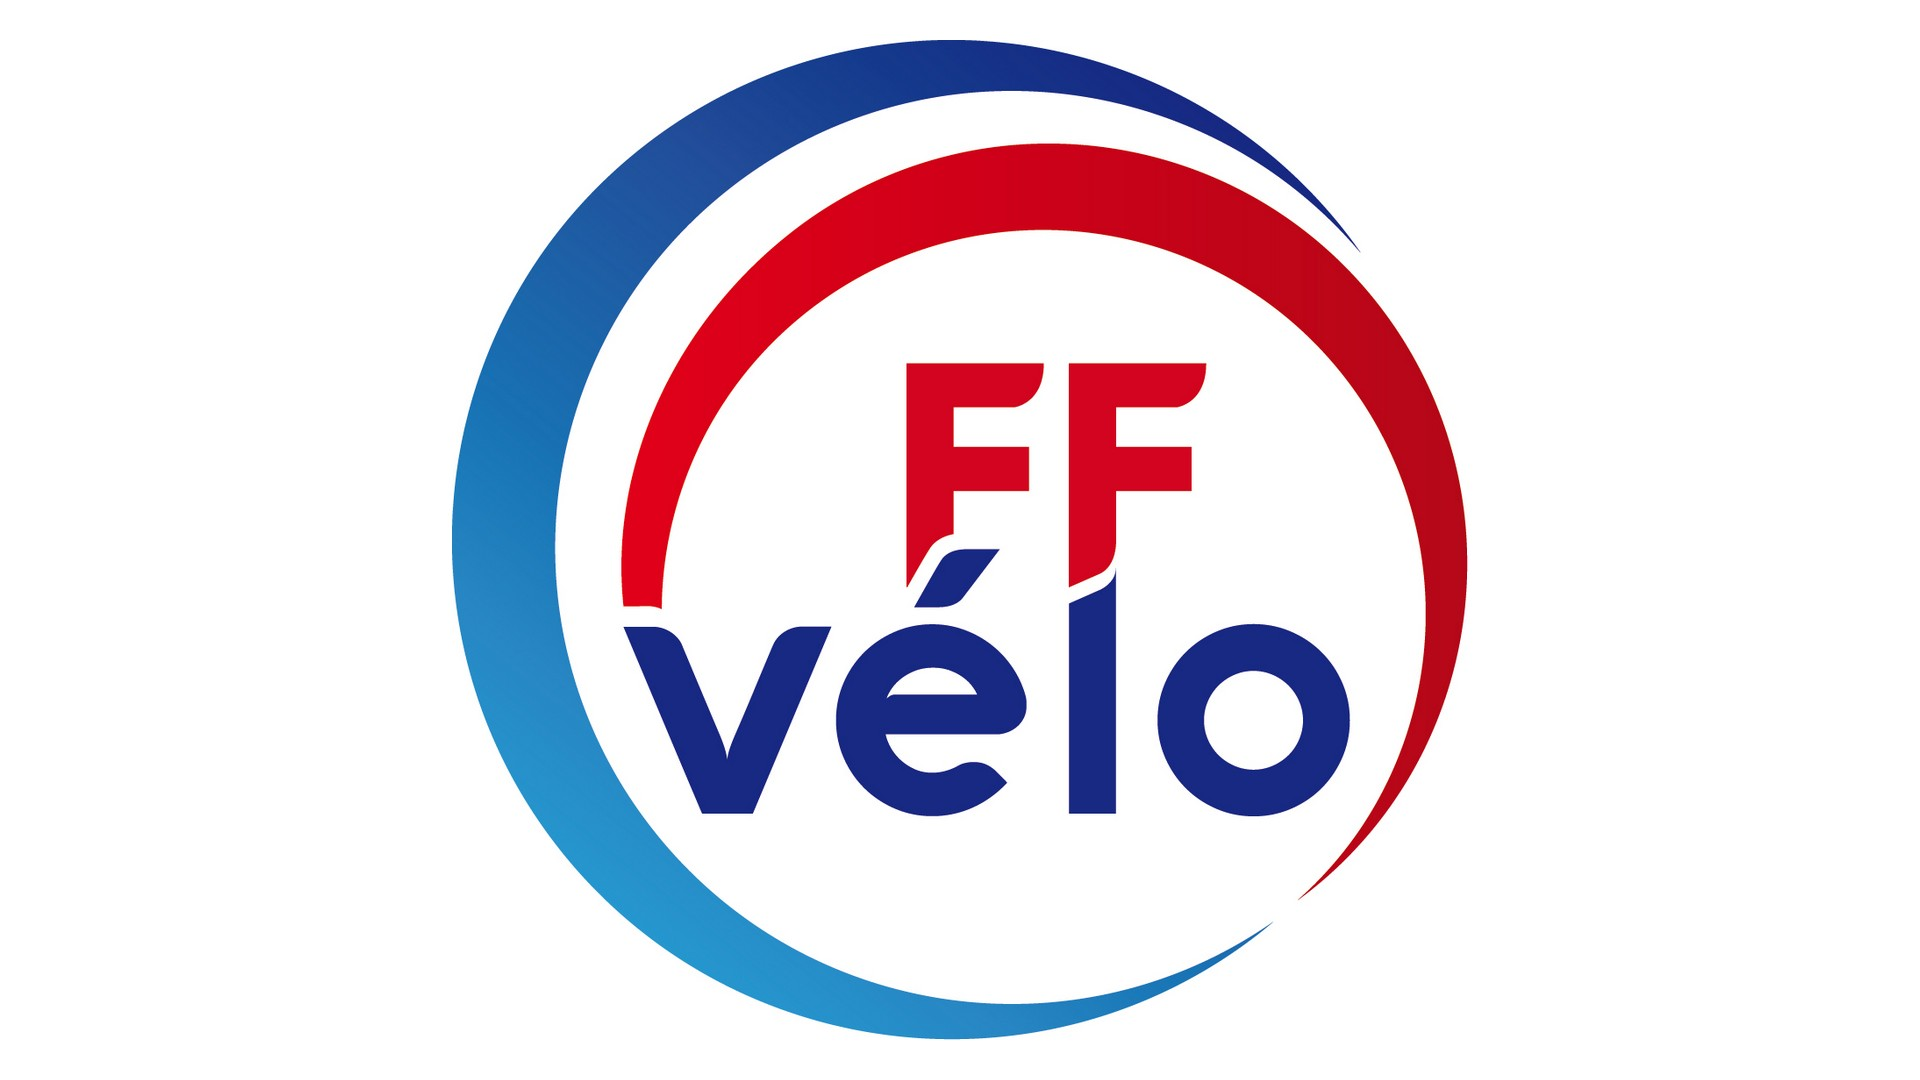 Fédération française de cyclotourisme (1) logo FF Vélo